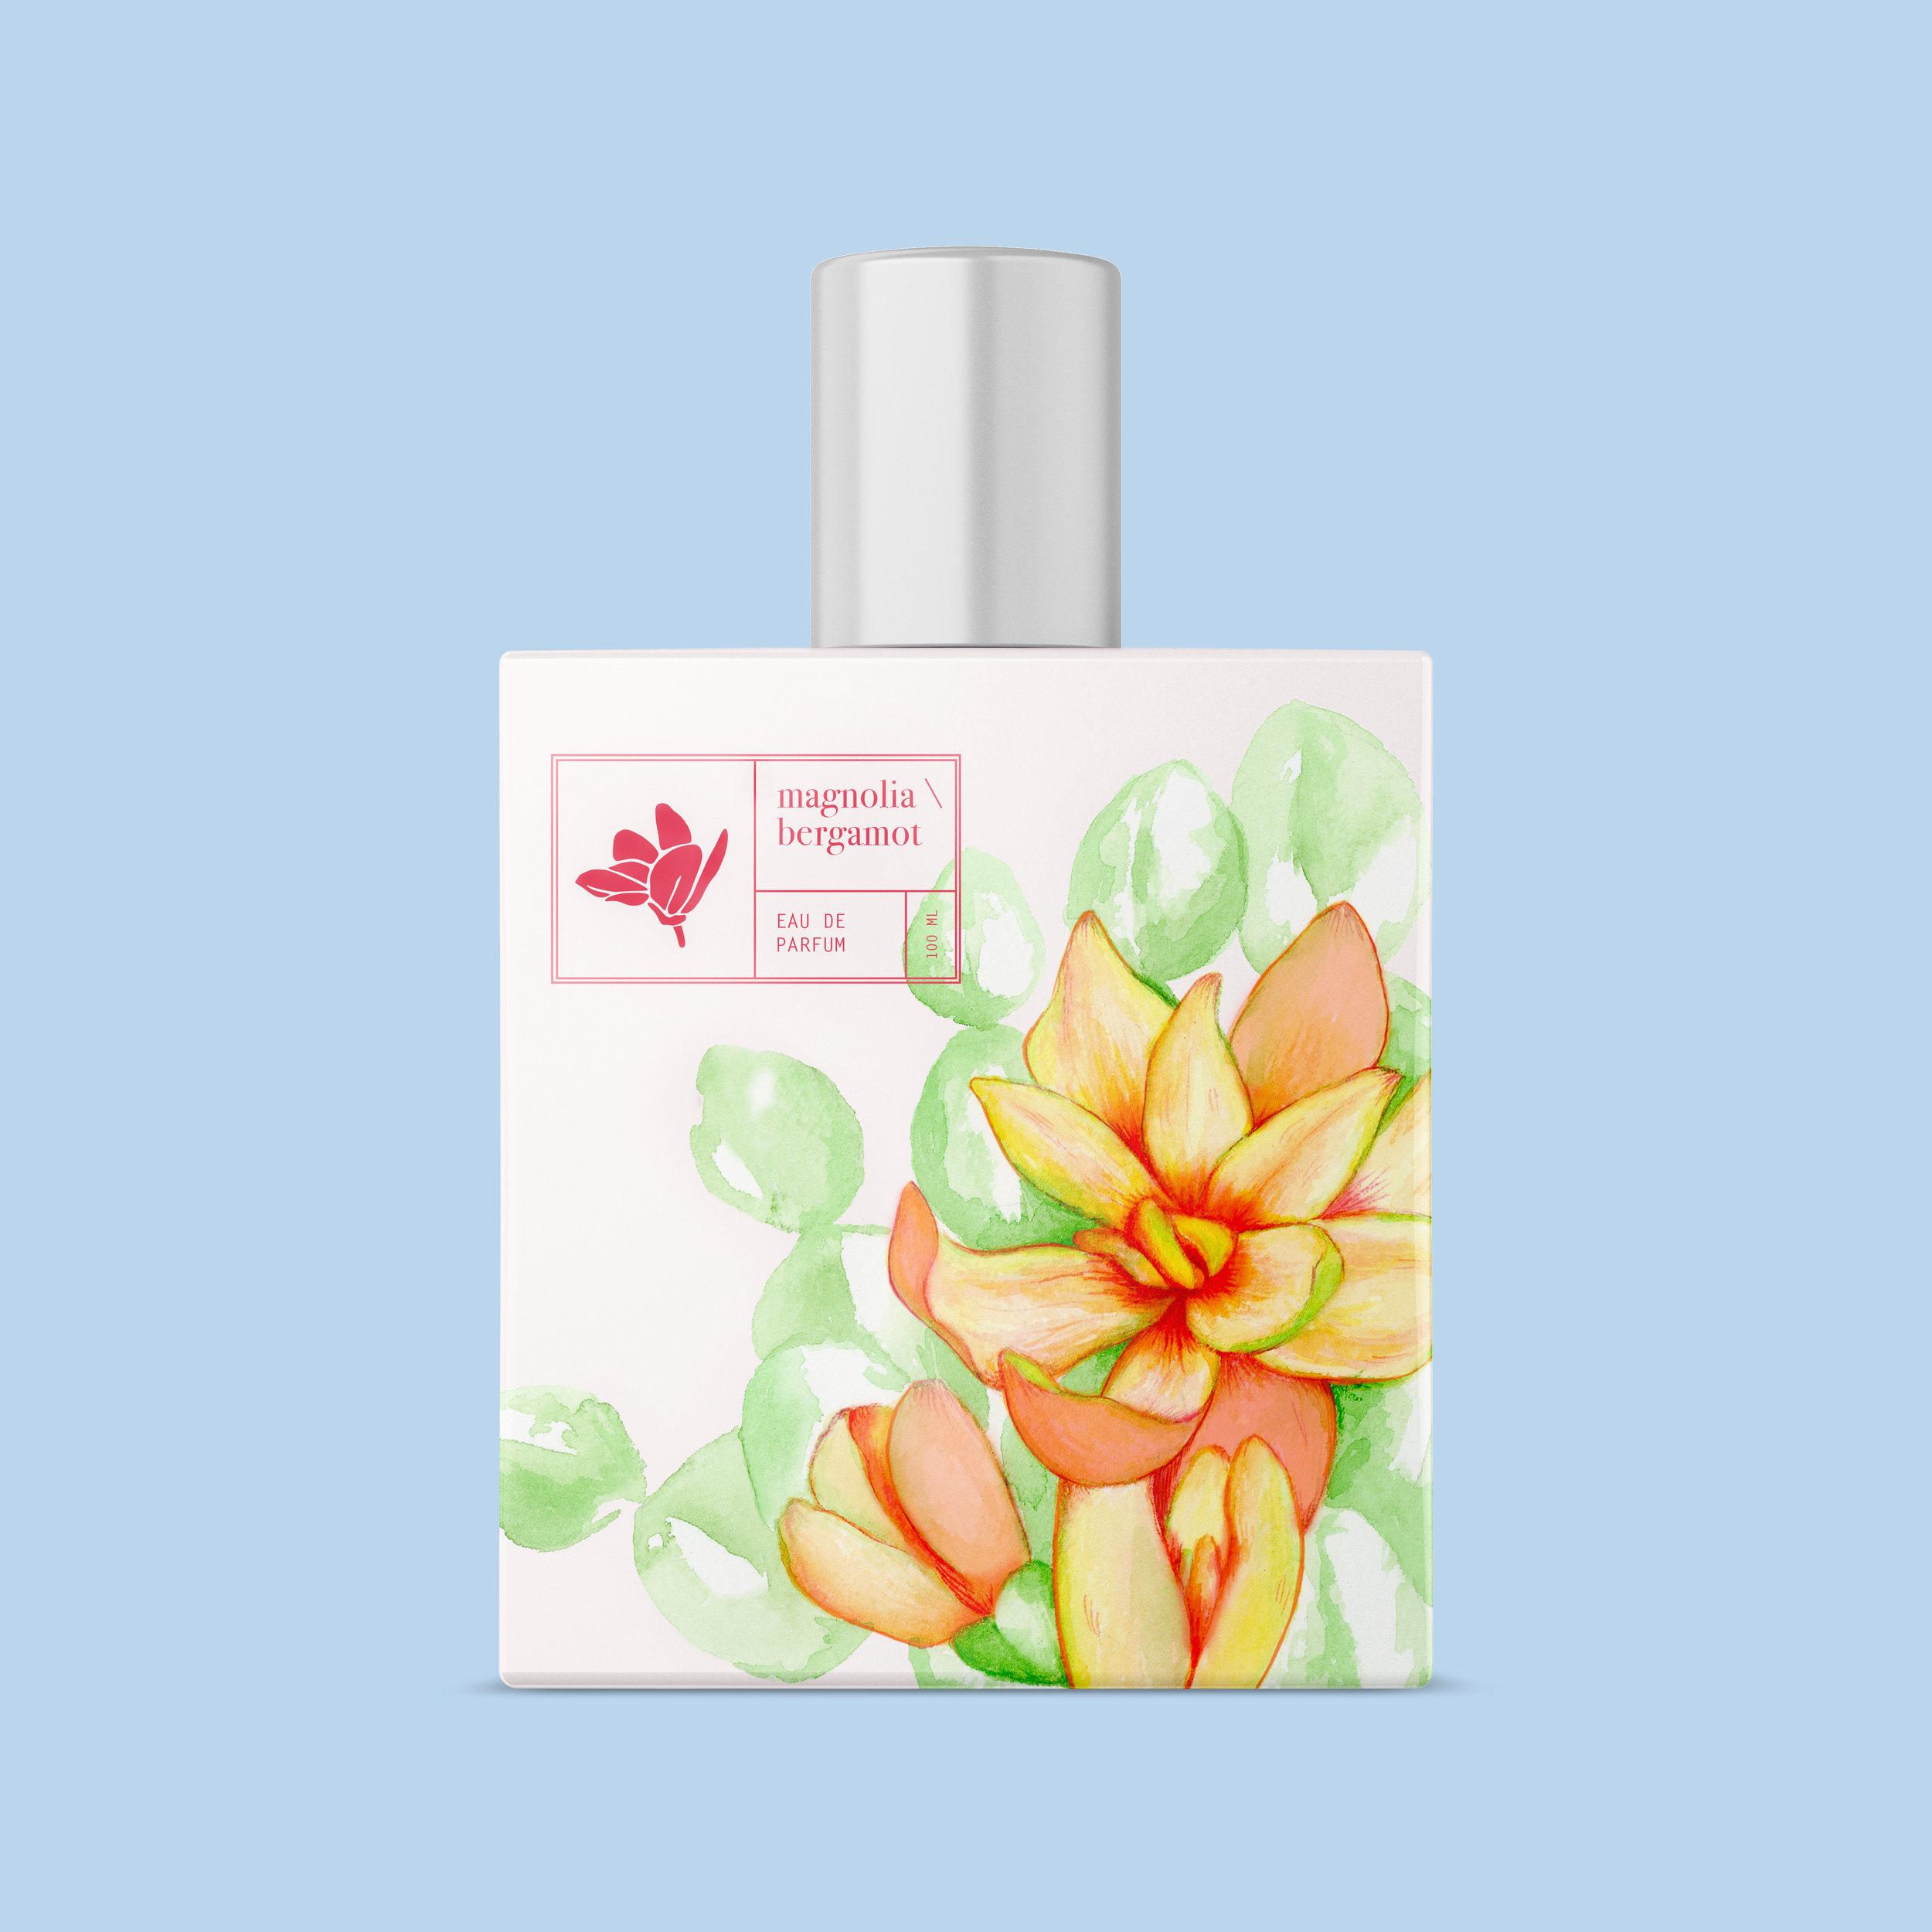 magnolia-perfume.jpg